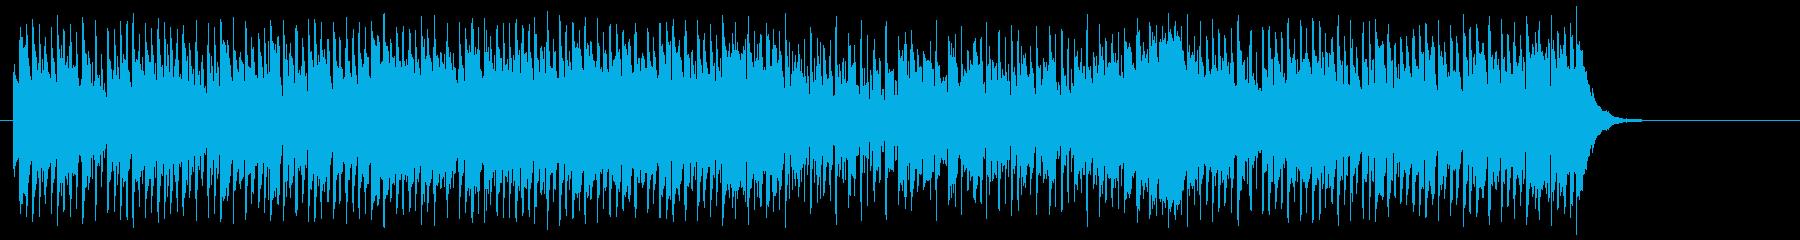 シュプールを描くポップ(A~B~A)の再生済みの波形